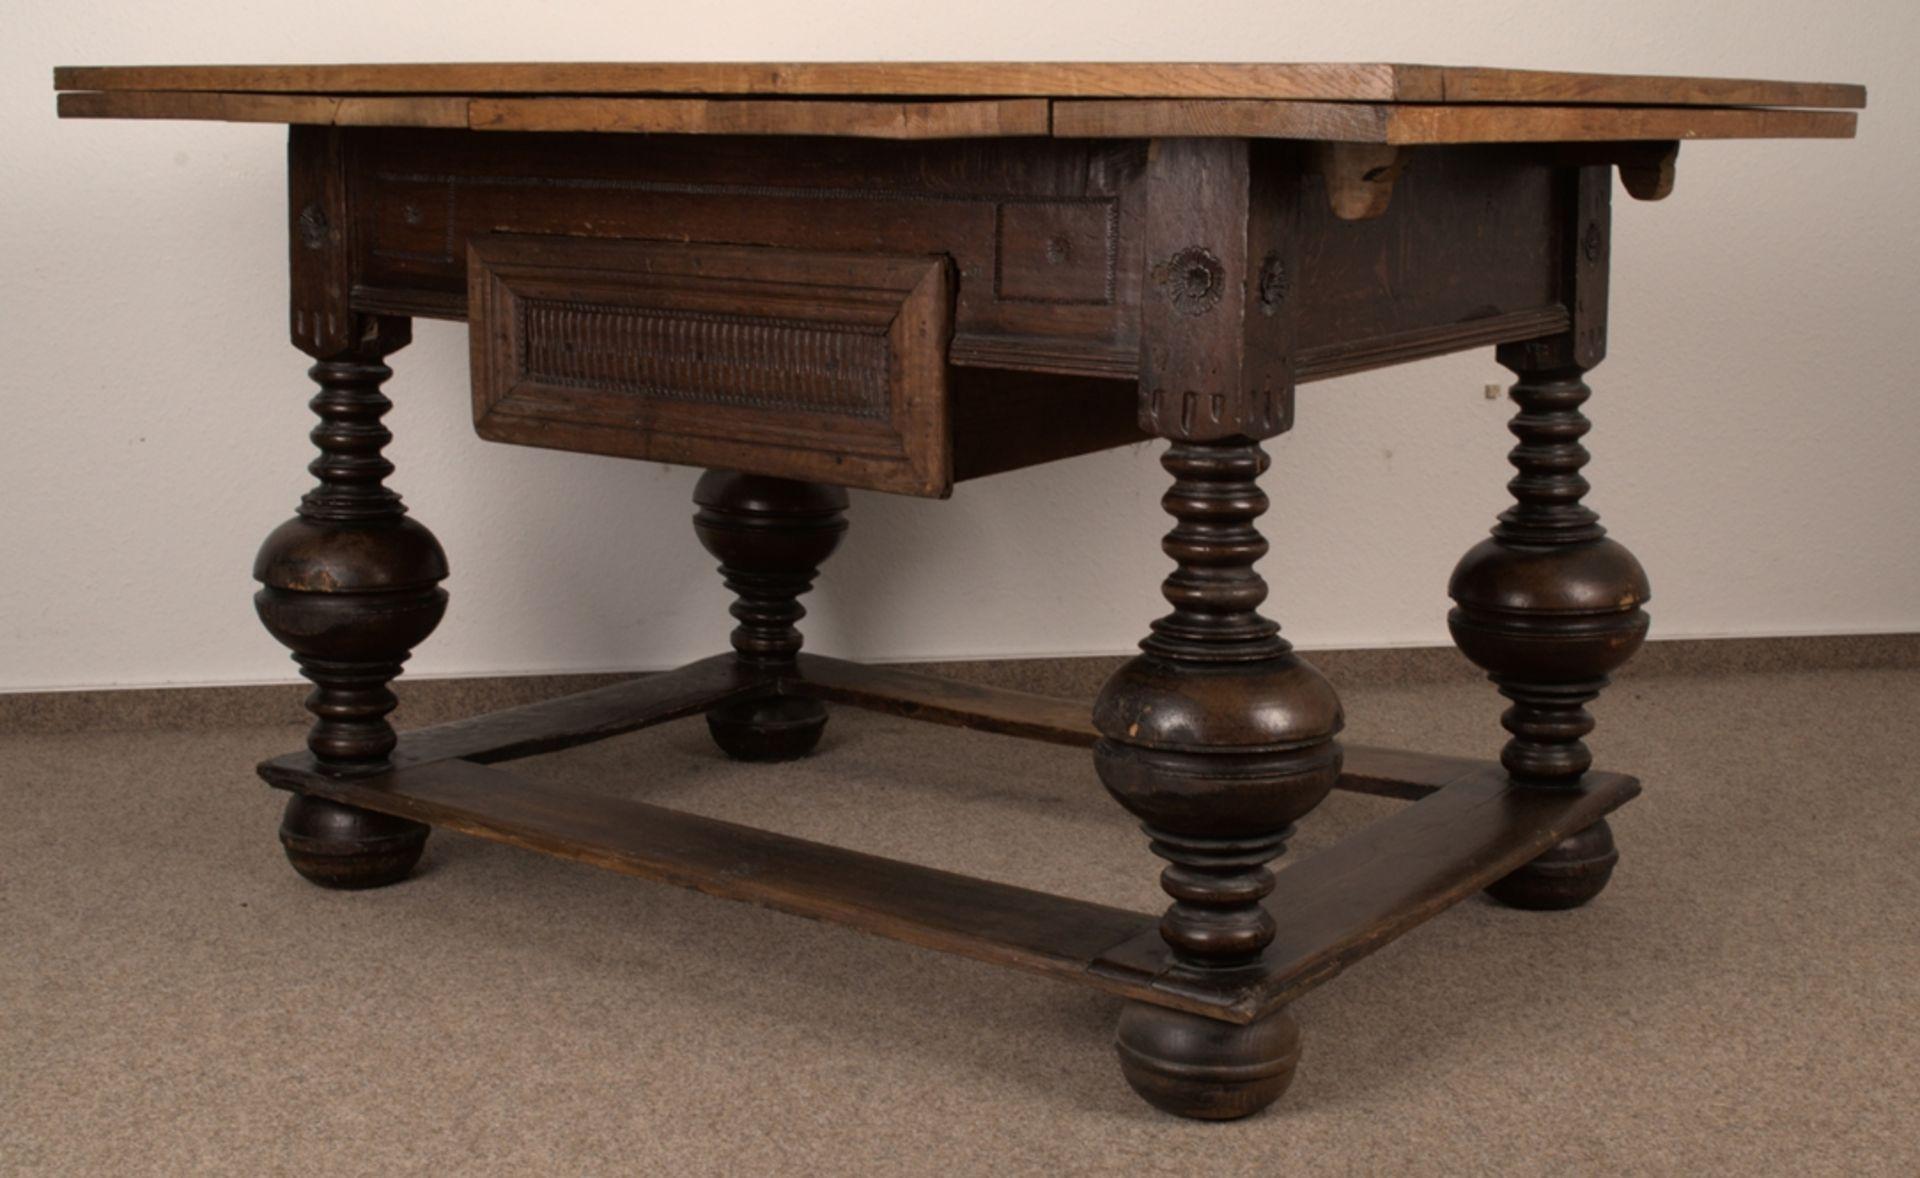 Großer Auszugstisch, Franken um 1730/50. Querverstrebter Tischunterbau mit kräftigen Balusterbeinen, - Bild 15 aus 36